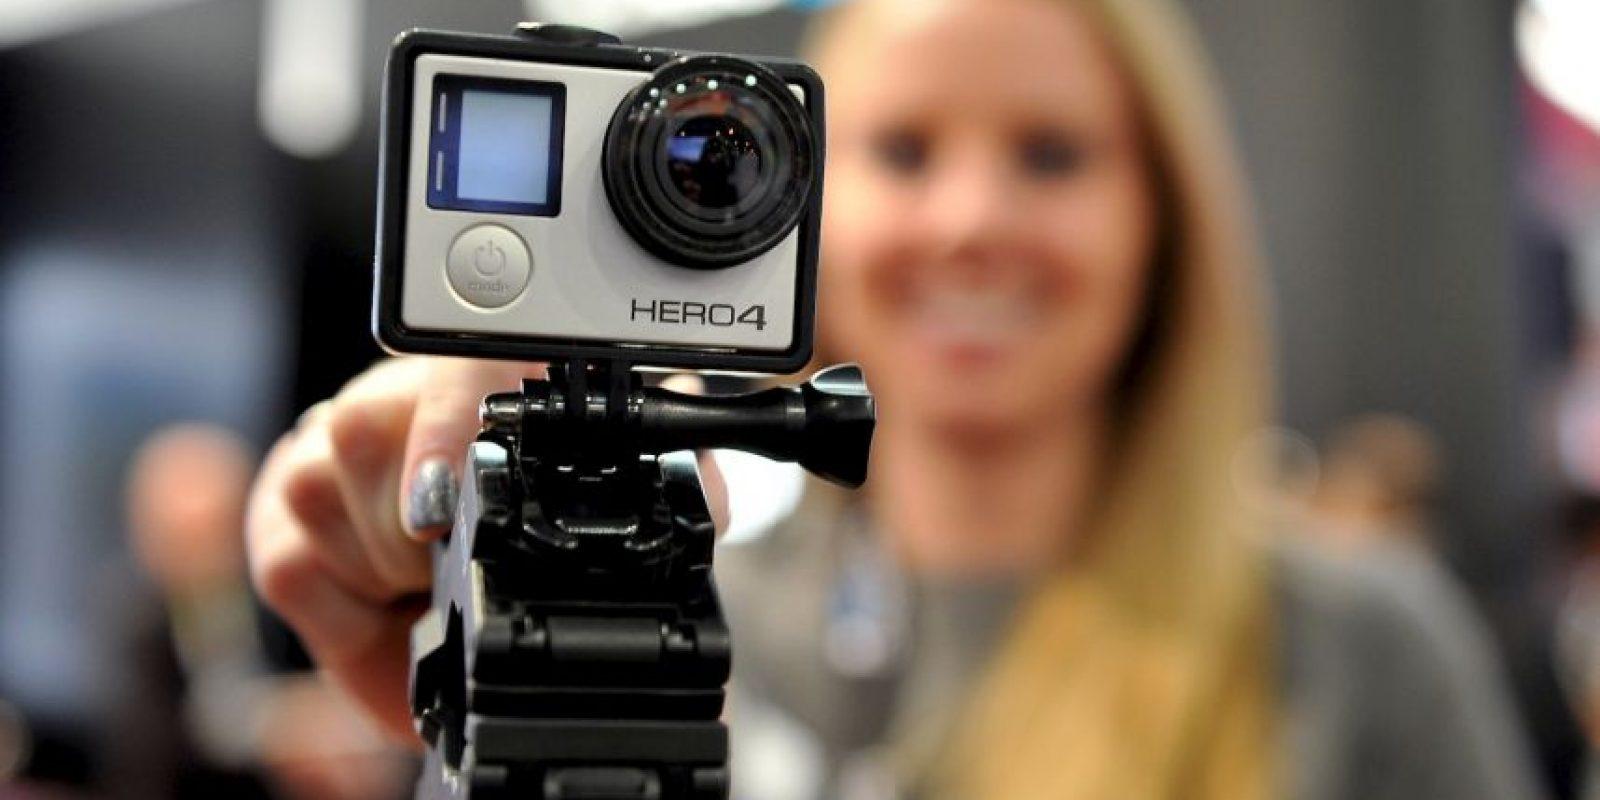 La cámara registró un vuelo de una hora y 38 minutos. Foto:Getty Images